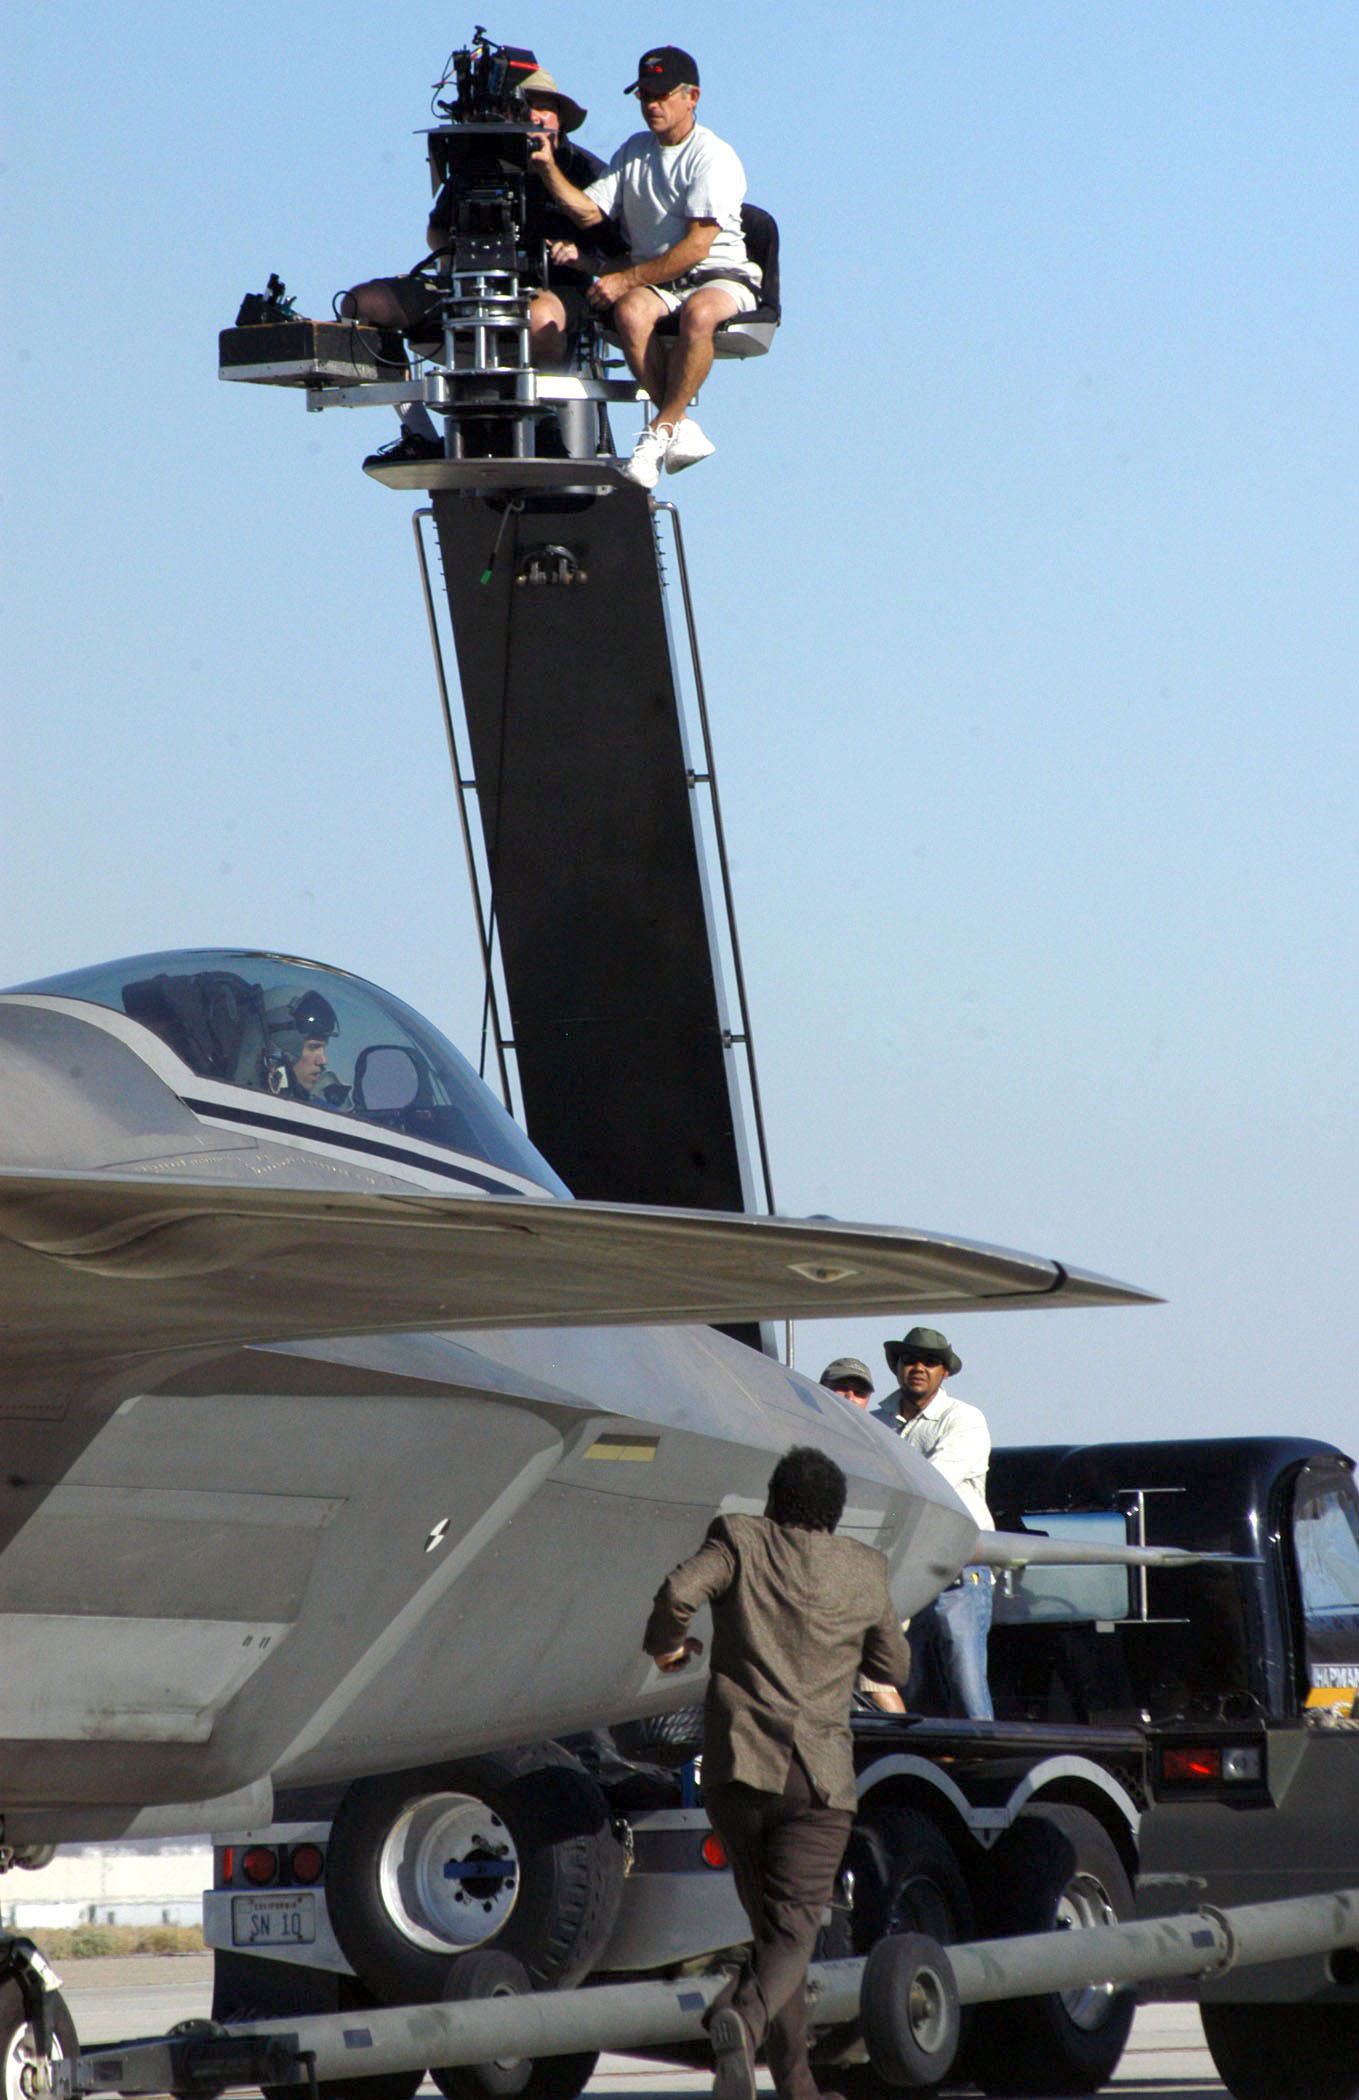 Lockheed Martin F 22 Wikipedia Raptor Engine Diagram Eine Whrend Der Dreharbeiten Fr Die Tv Serie Monk